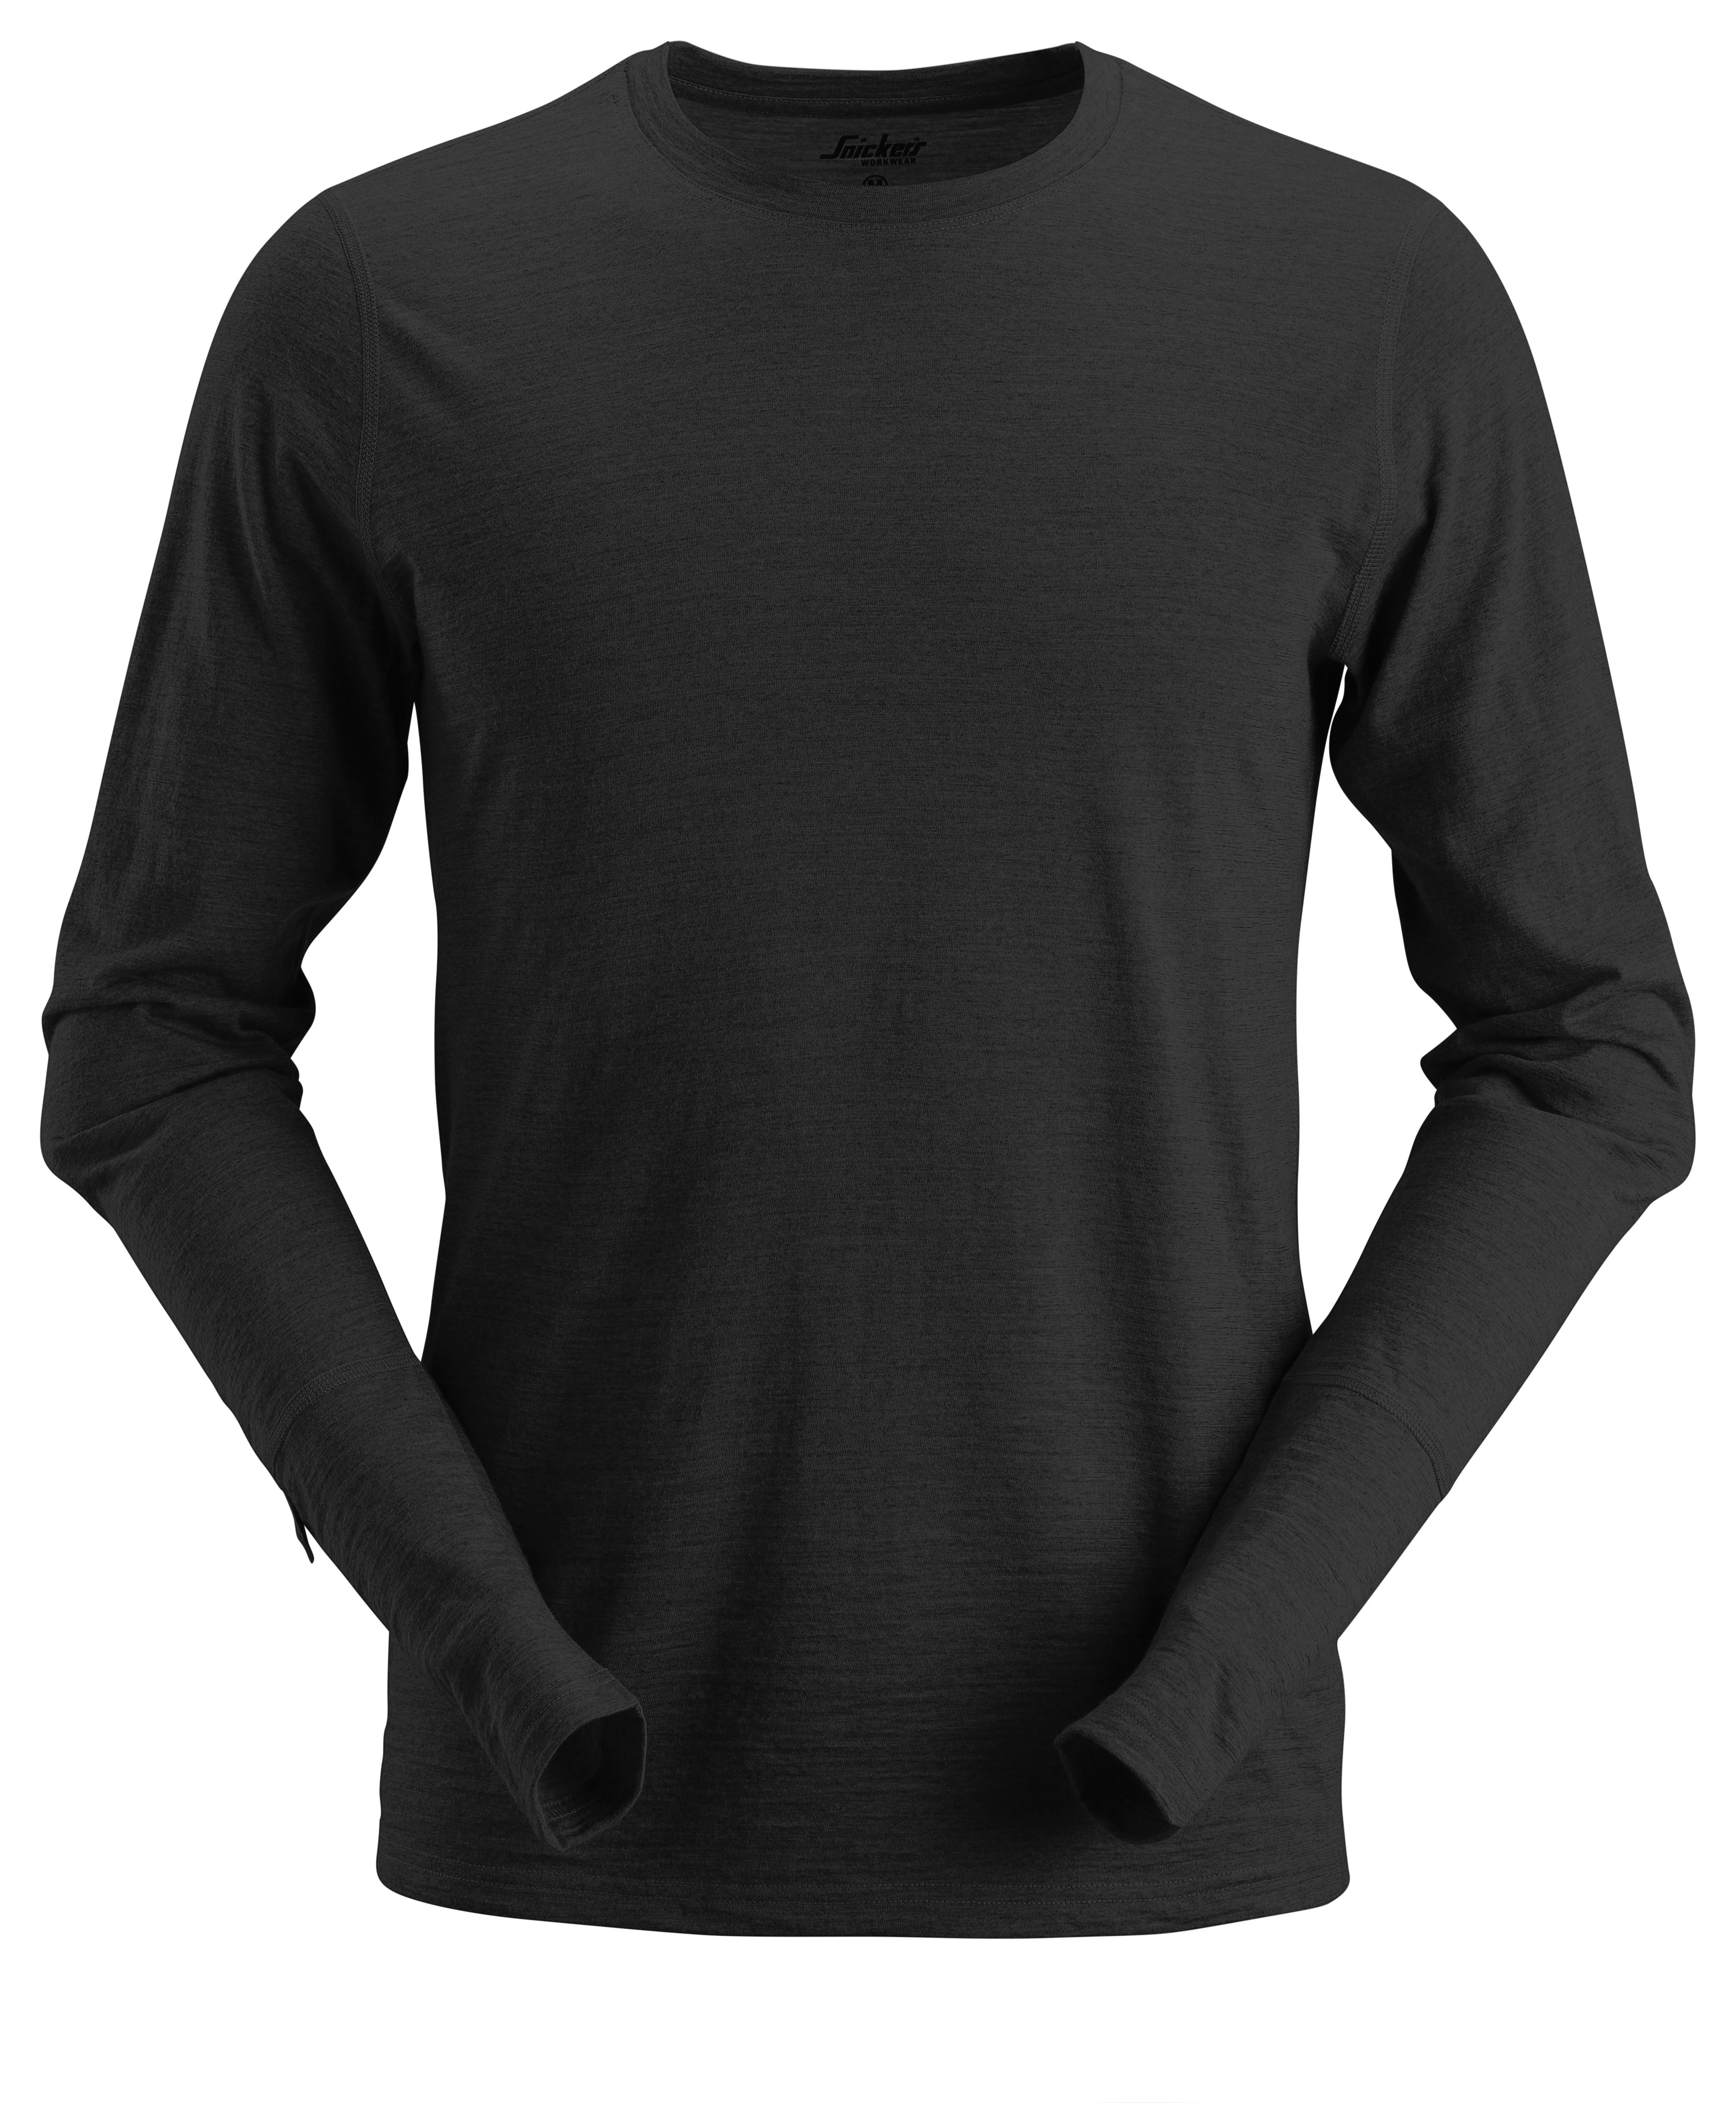 2580 Logo T skjorte – Bautaworkwear